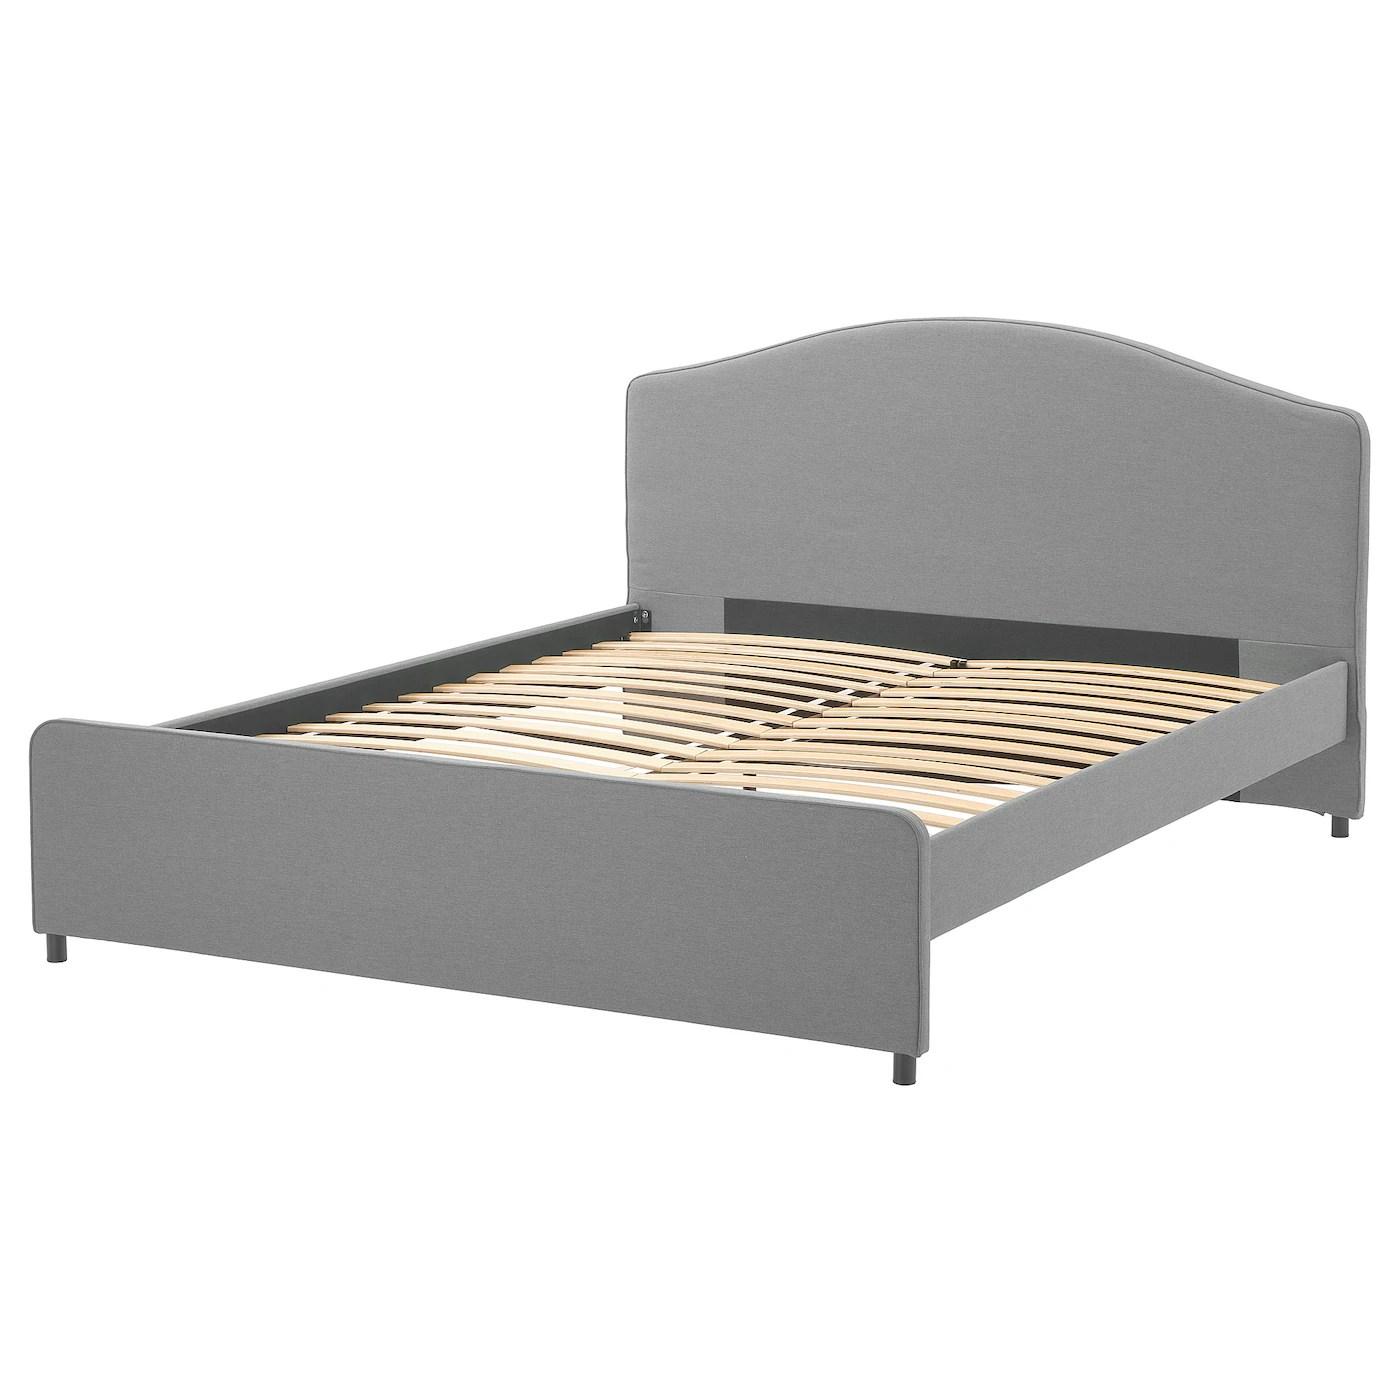 Hauga Cadre De Lit Matelasse Vissle Gris 140x200 Cm Ikea